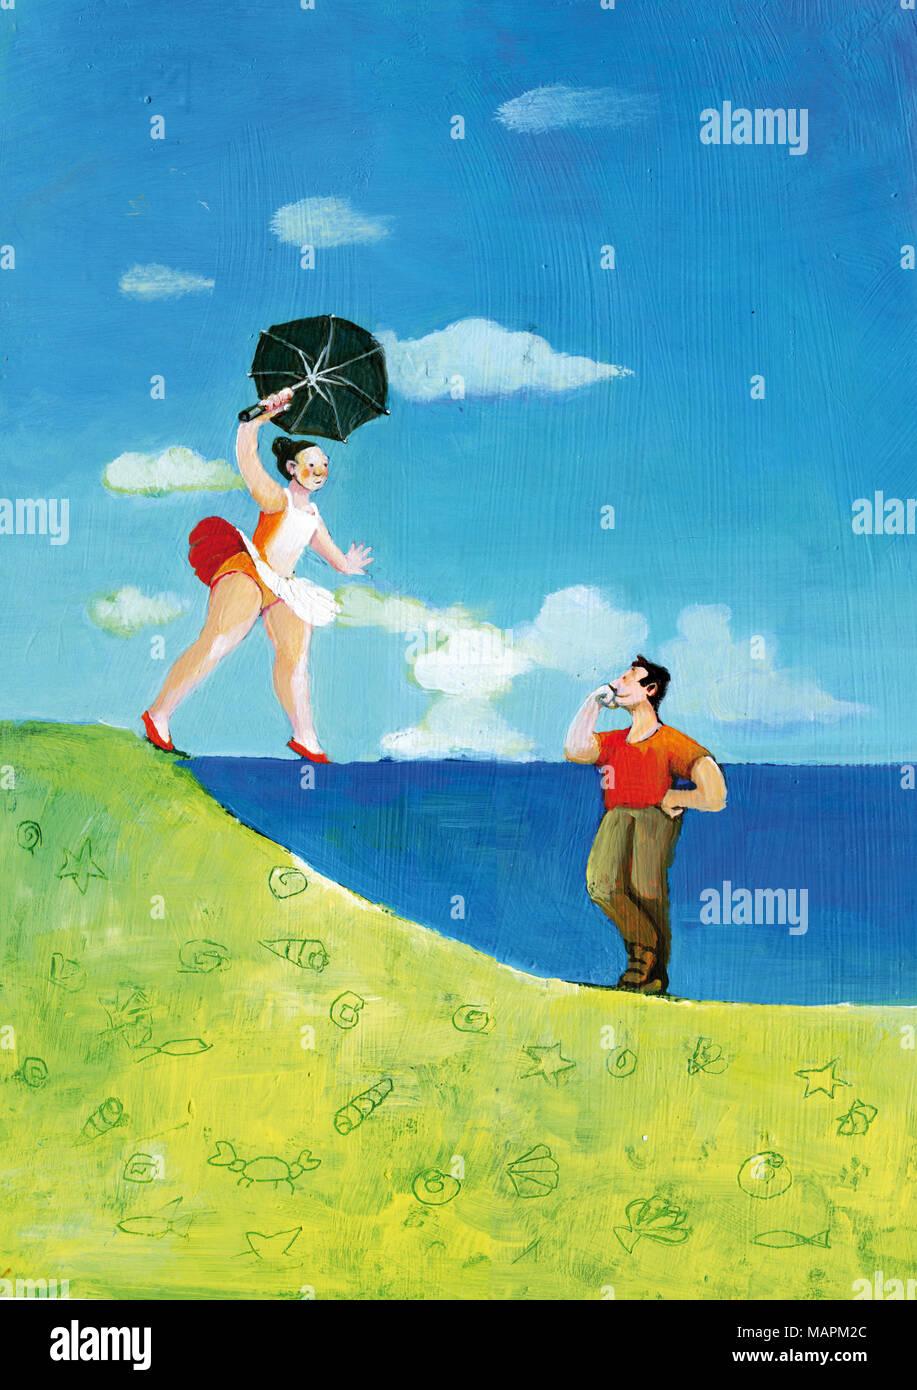 Bailarín de equilibrio en el horizonte del mar como si se tratara de una cuerda de equilibrio, el Niño recostado en el mar, como una pared, mirando a su enamorado Imagen De Stock